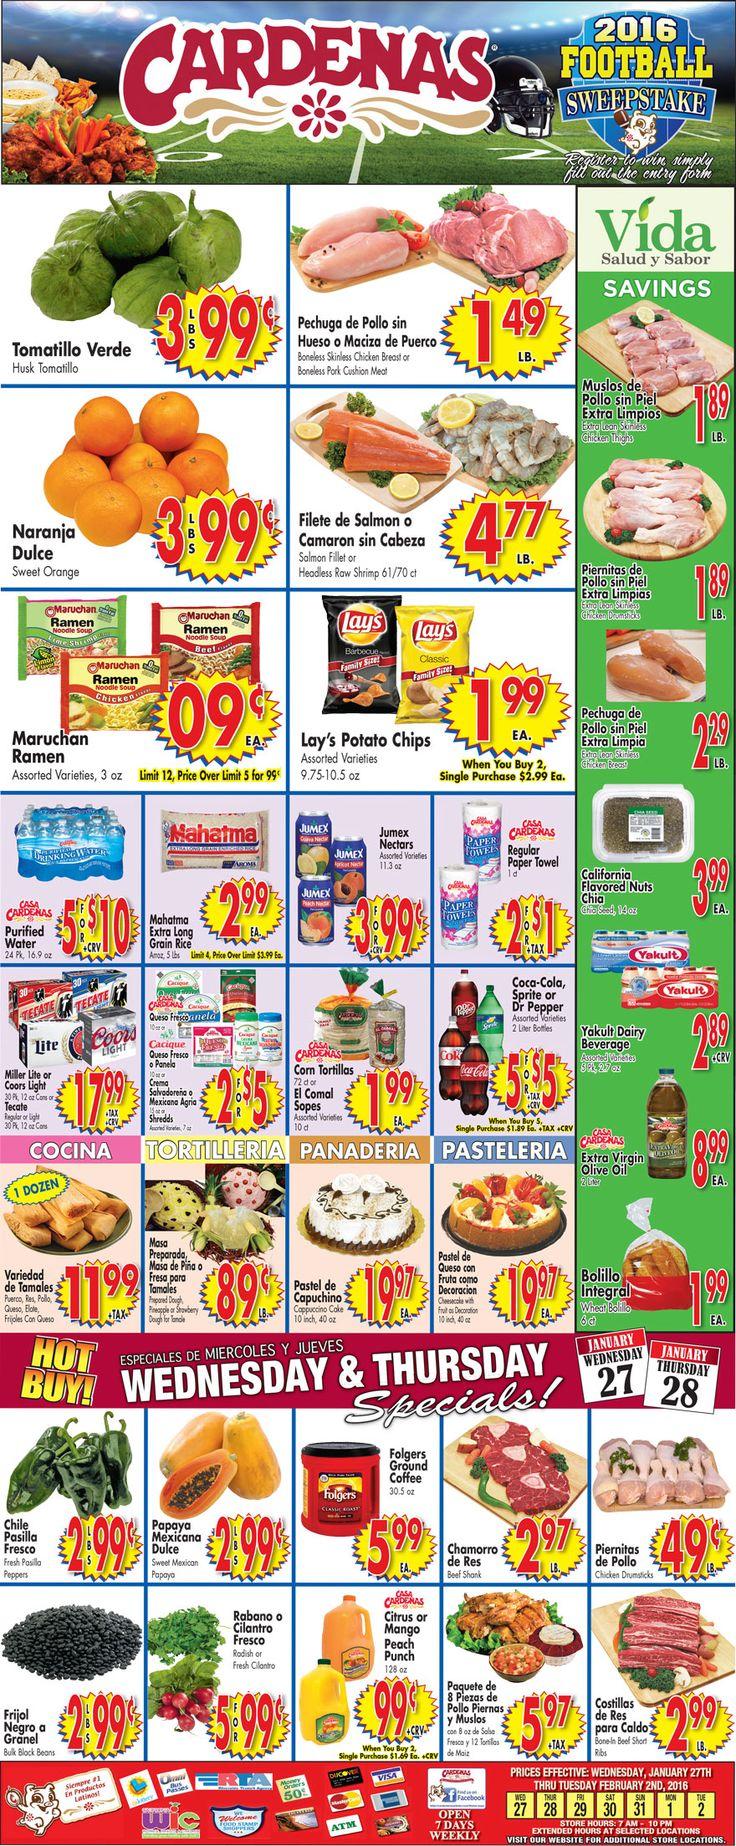 Cardenas Weekly Ad January 27 - February 2, 2016 - http://www.kaitalog.com/cardenas-weekly-ad.html